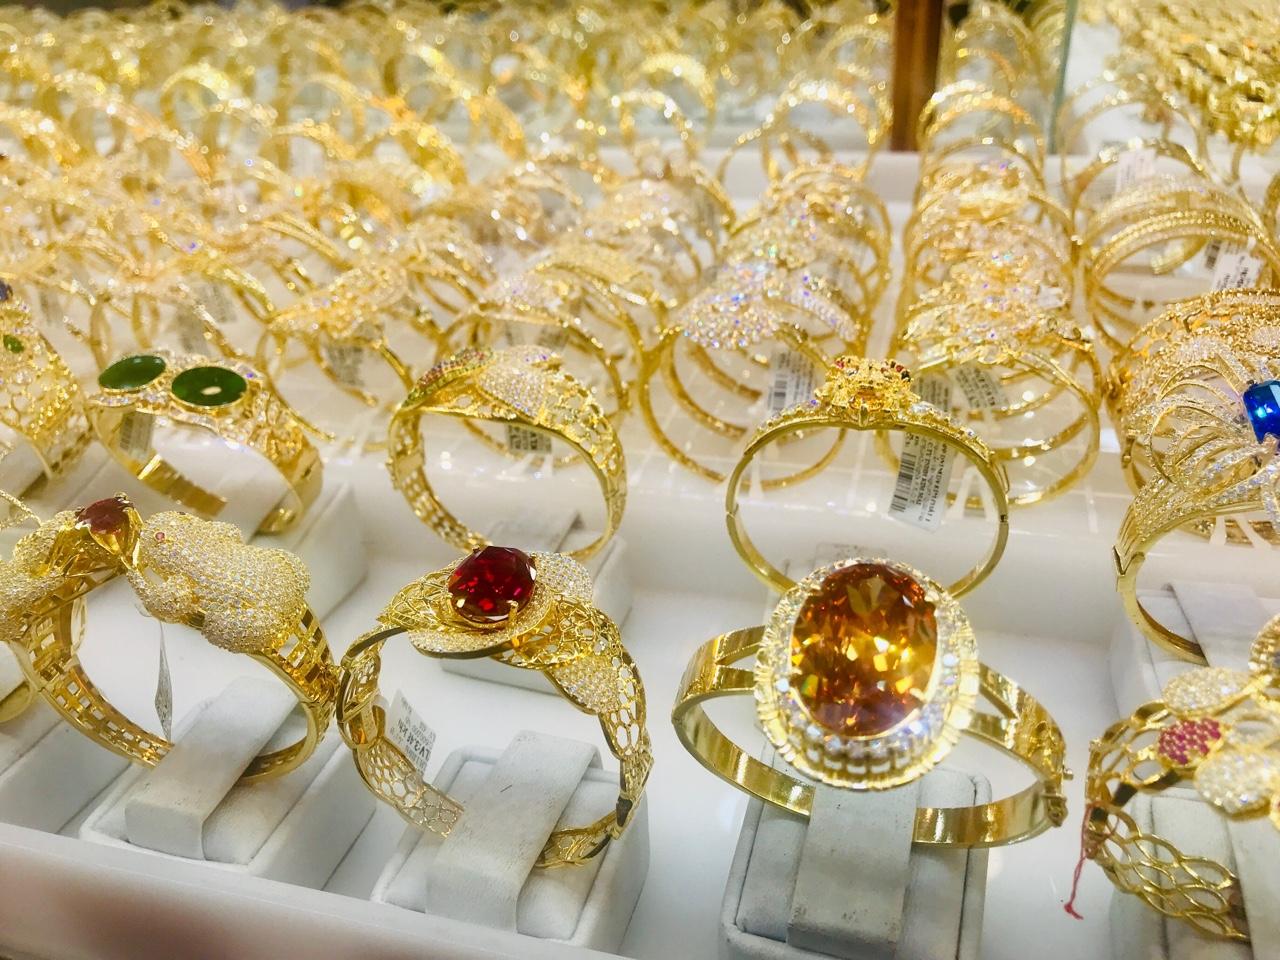 Giá vàng trong nước chính thức vượt mốc 59 triệu đồng/lượng - Ảnh 2.